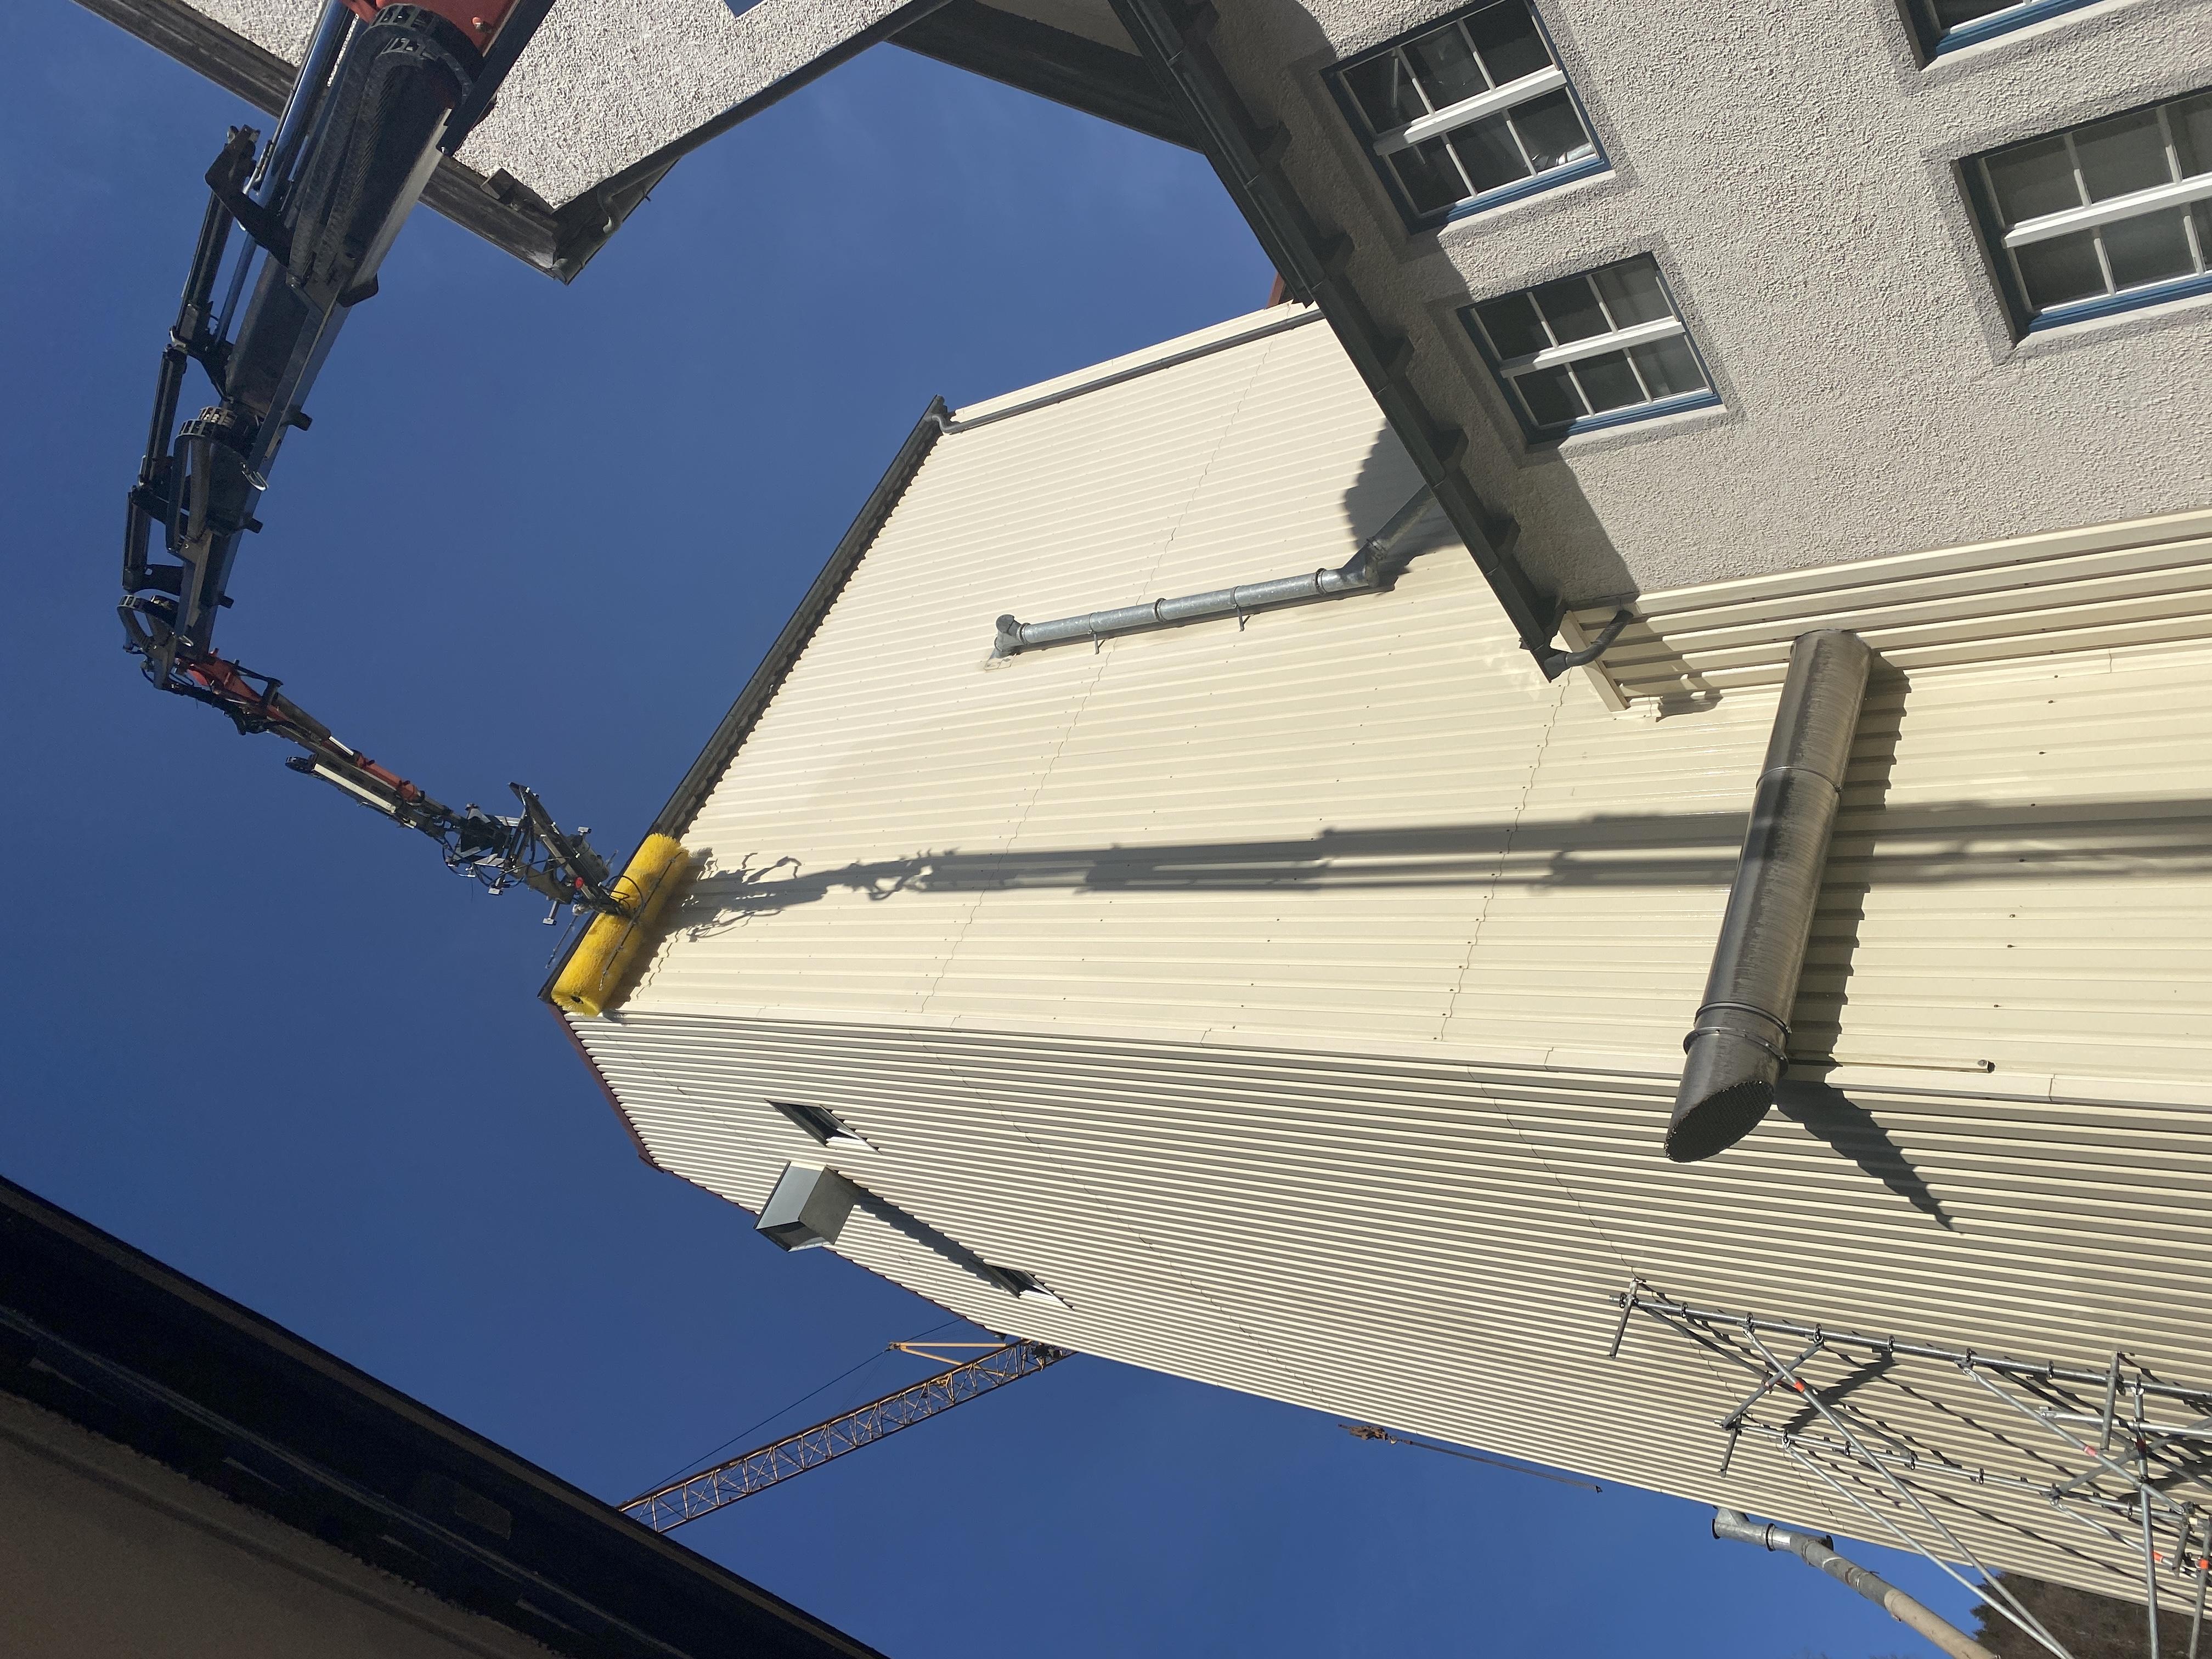 Hoch hinaus: Der WallCleaner bei der Reinigung eines 16 Meter hohen Turms.